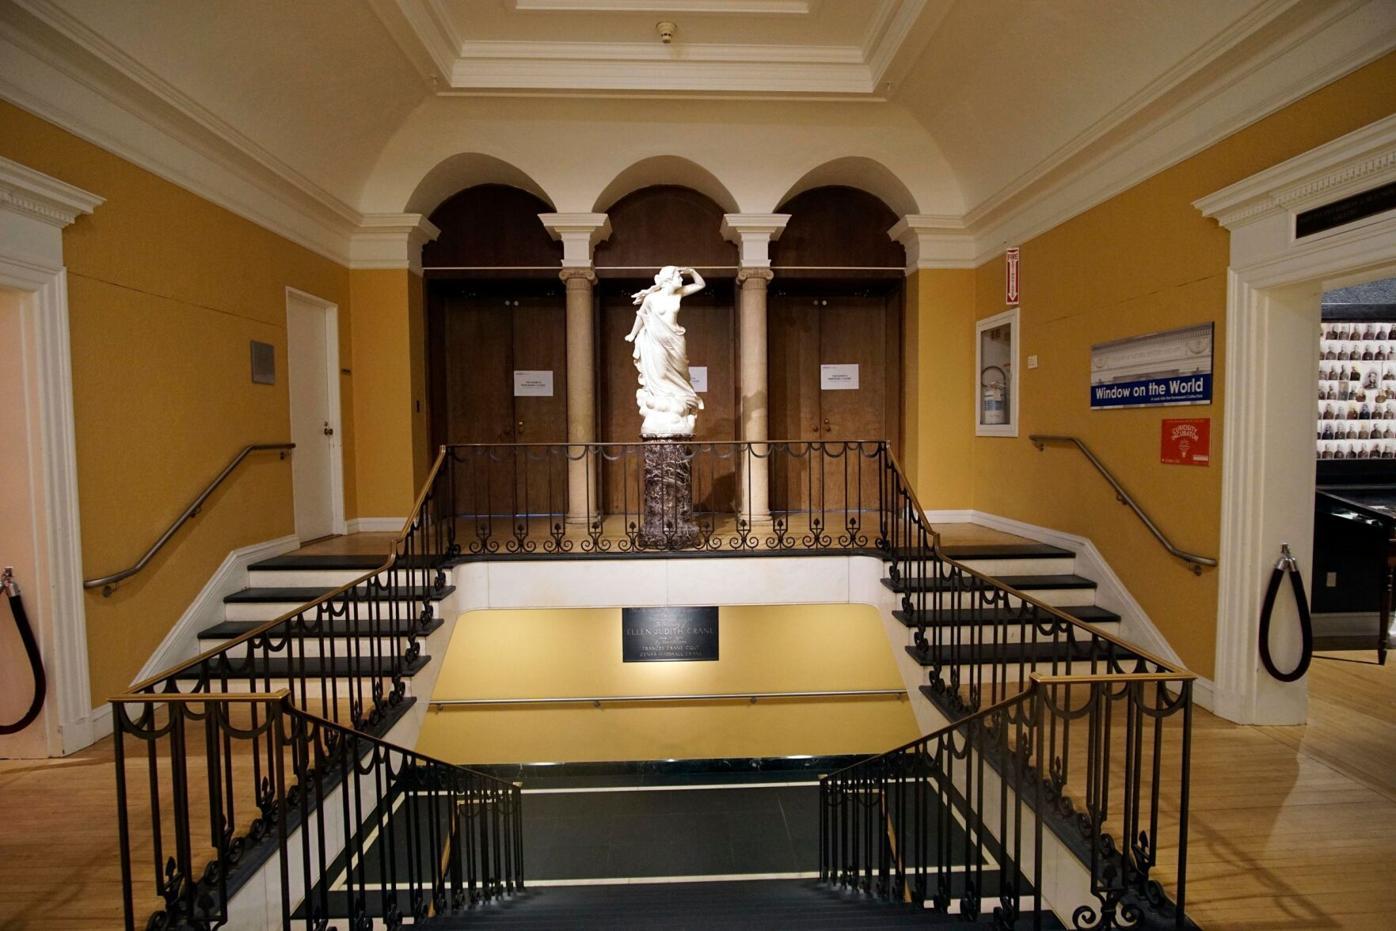 Berkshire Museum art auction not discussed in focus groups